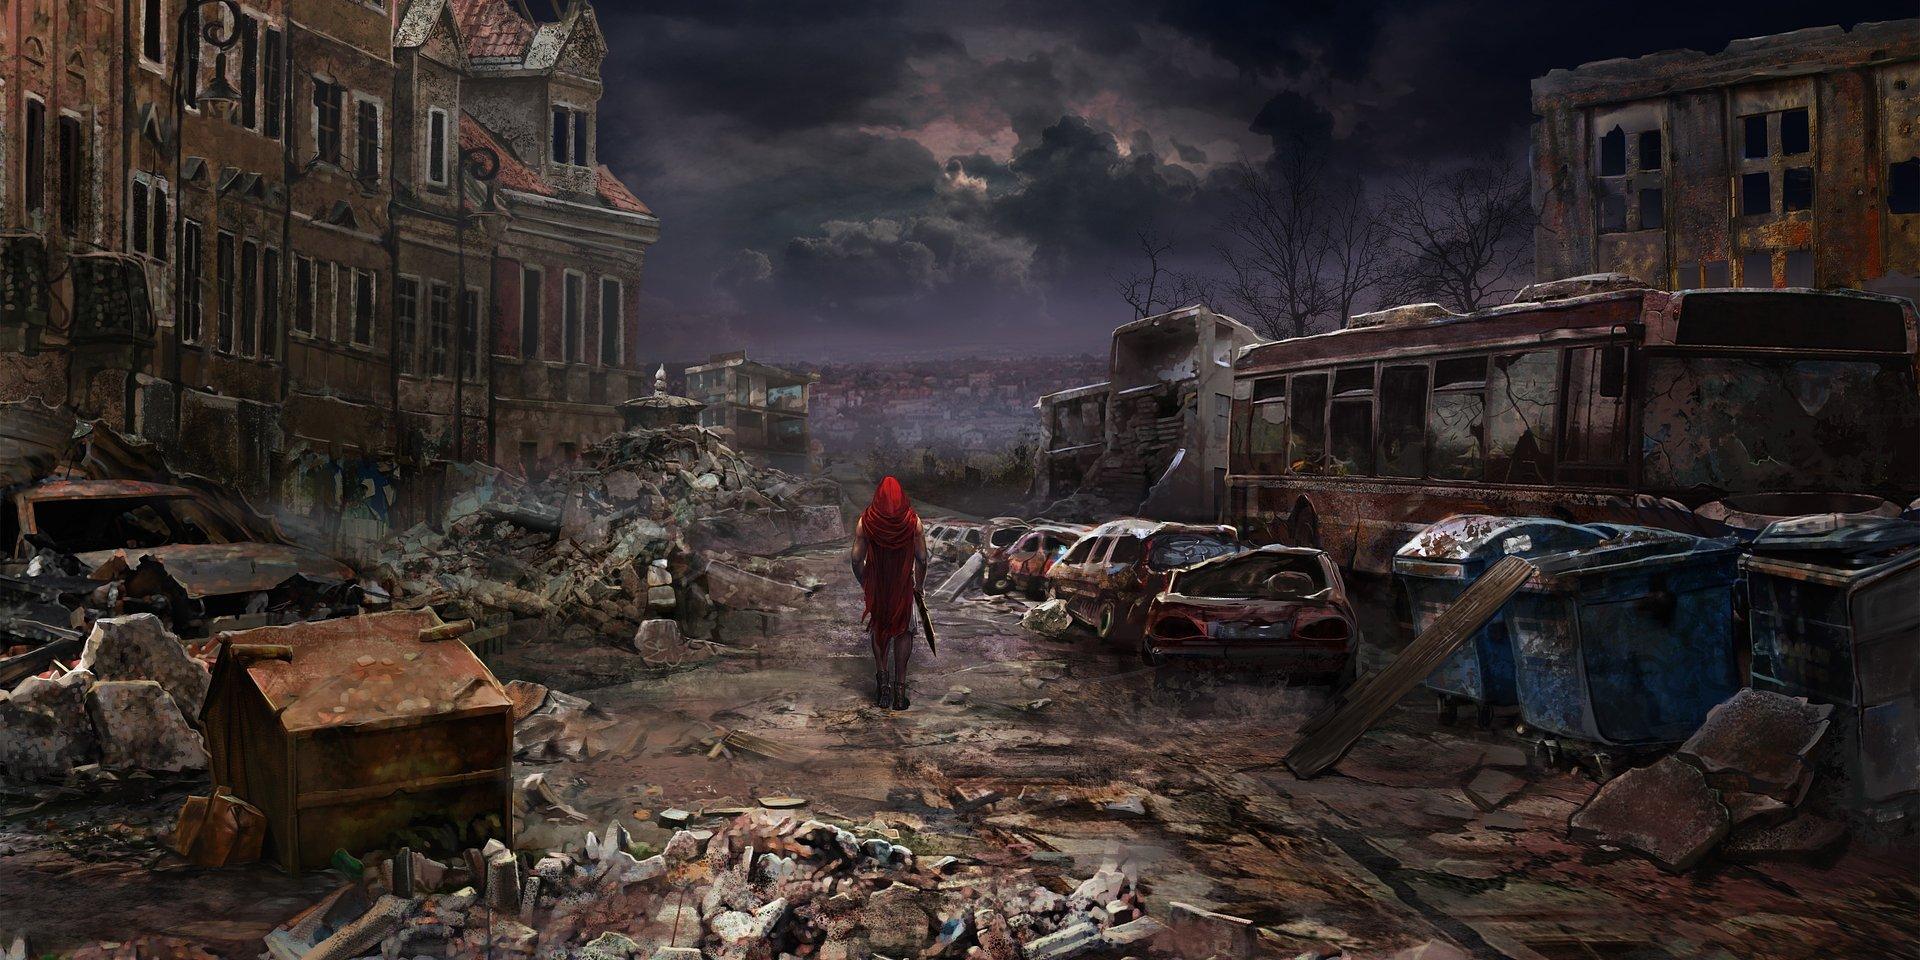 Визуальная новелла The Sin Collector заполучила новые души и крайне позитивный прием игроков на Steam Next Fest